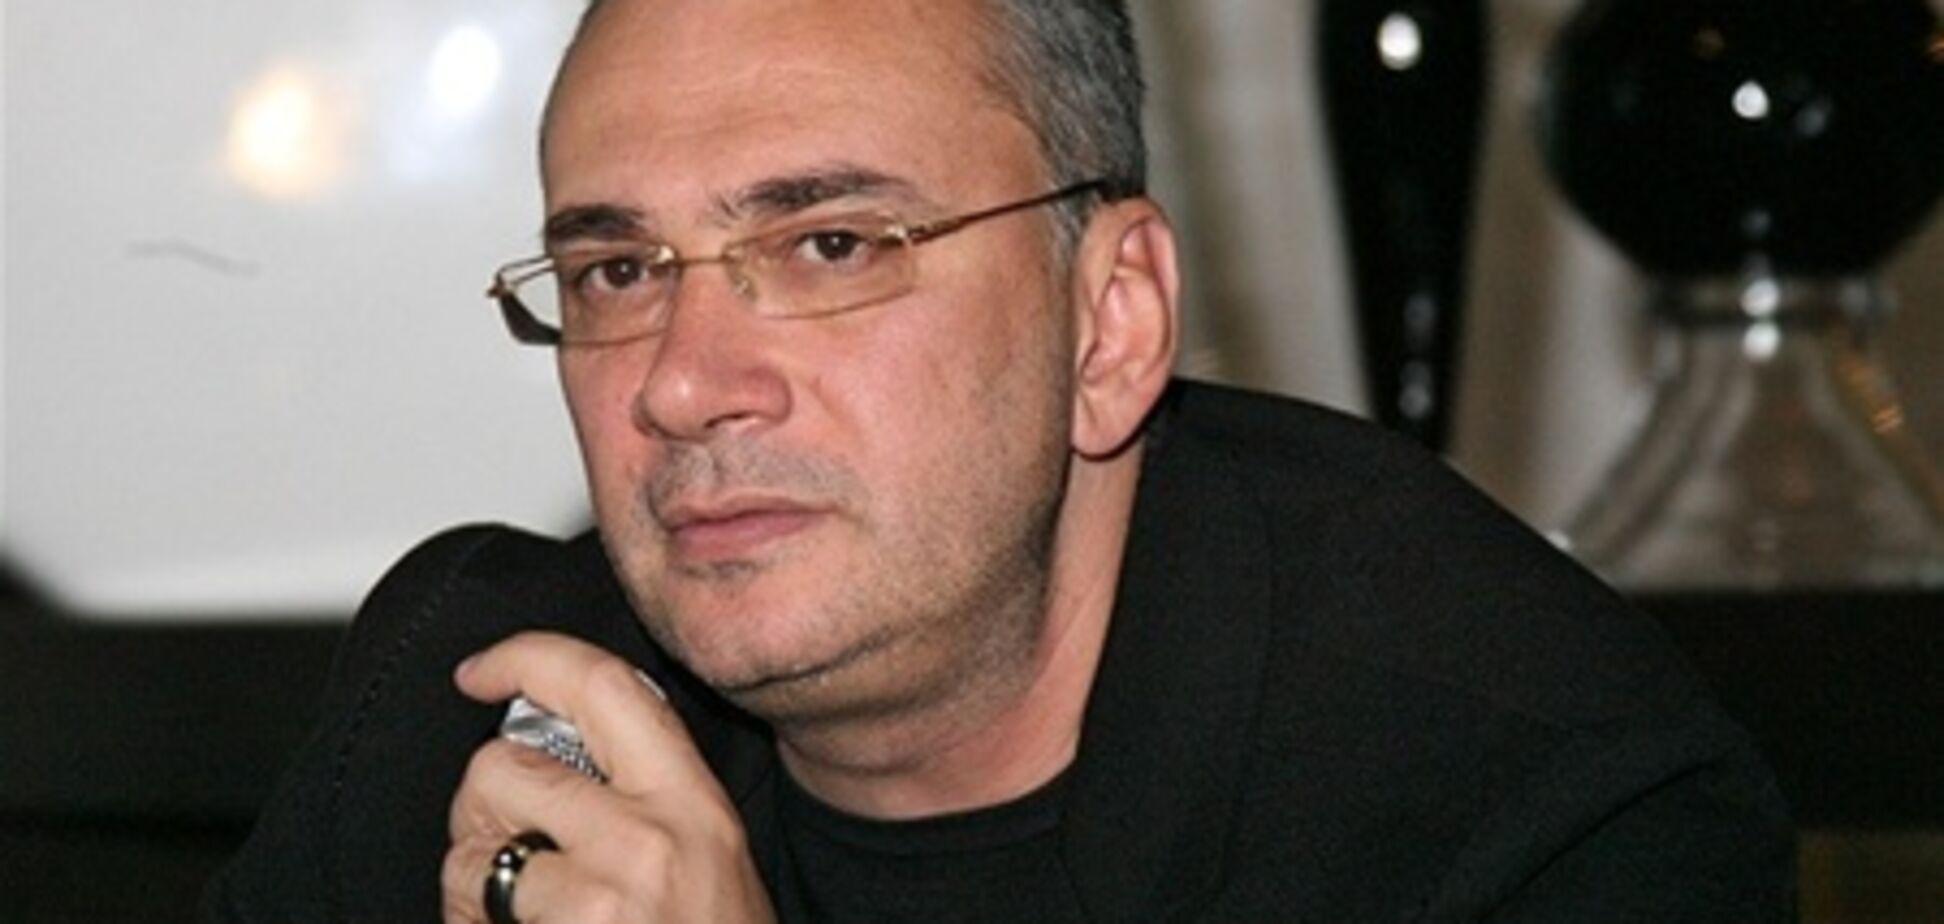 МВС: Меладзе може покидати Україну